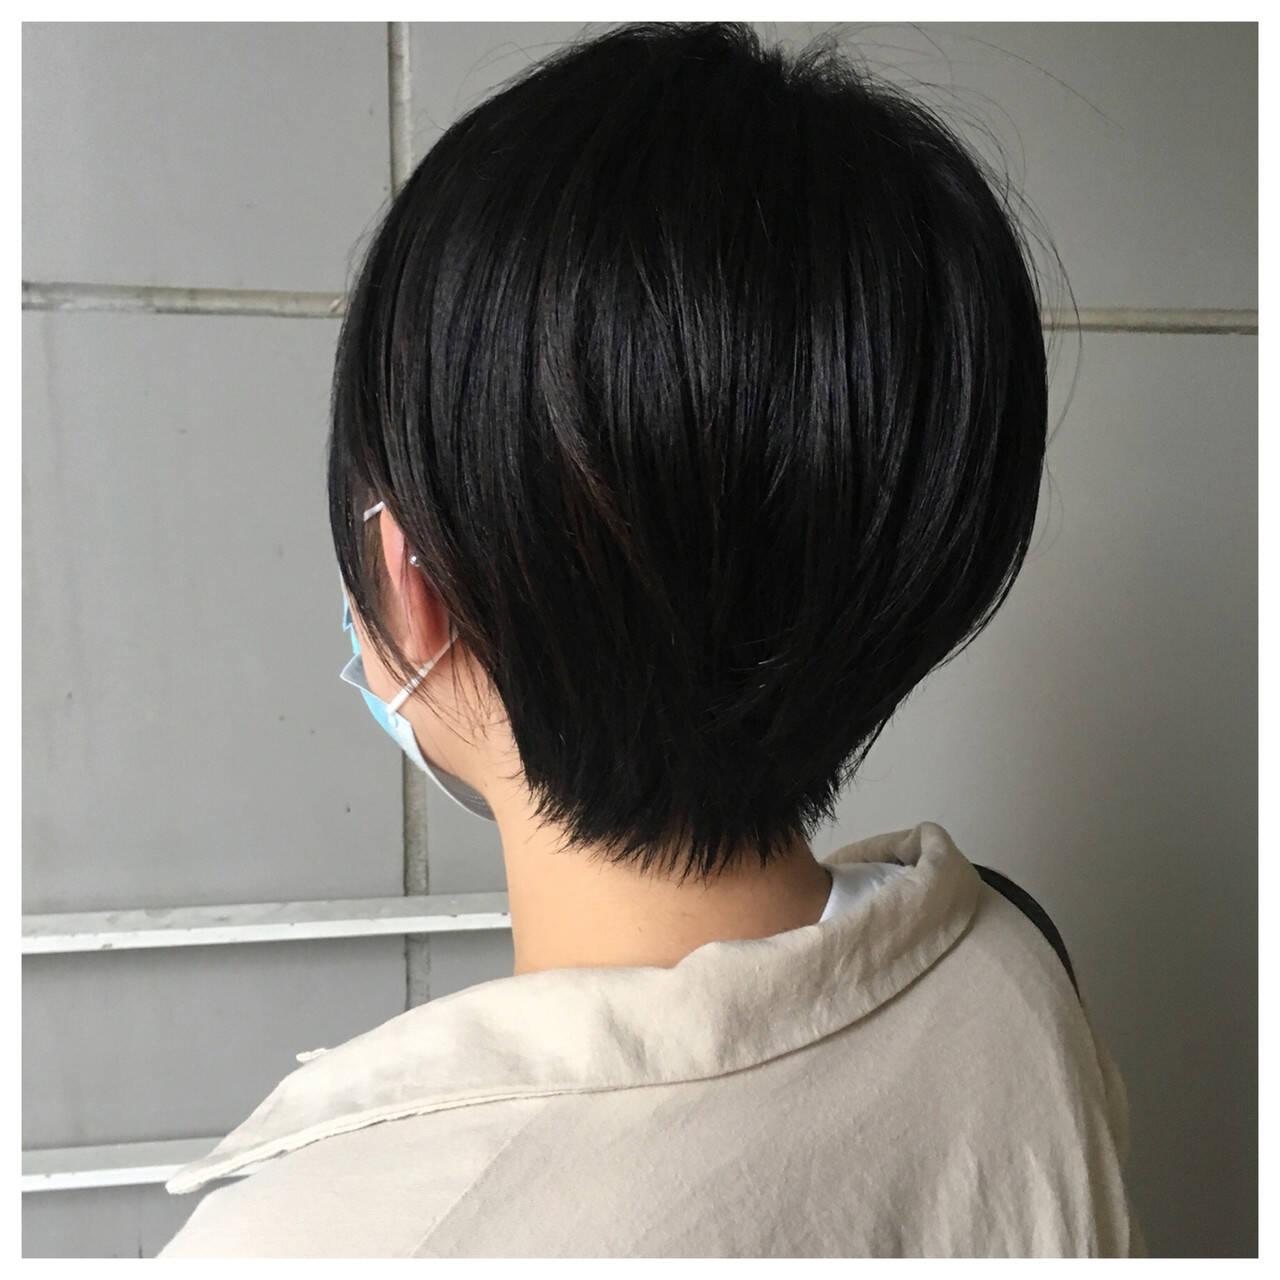 マッシュショート ナチュラル ショートボブ 黒髪ヘアスタイルや髪型の写真・画像